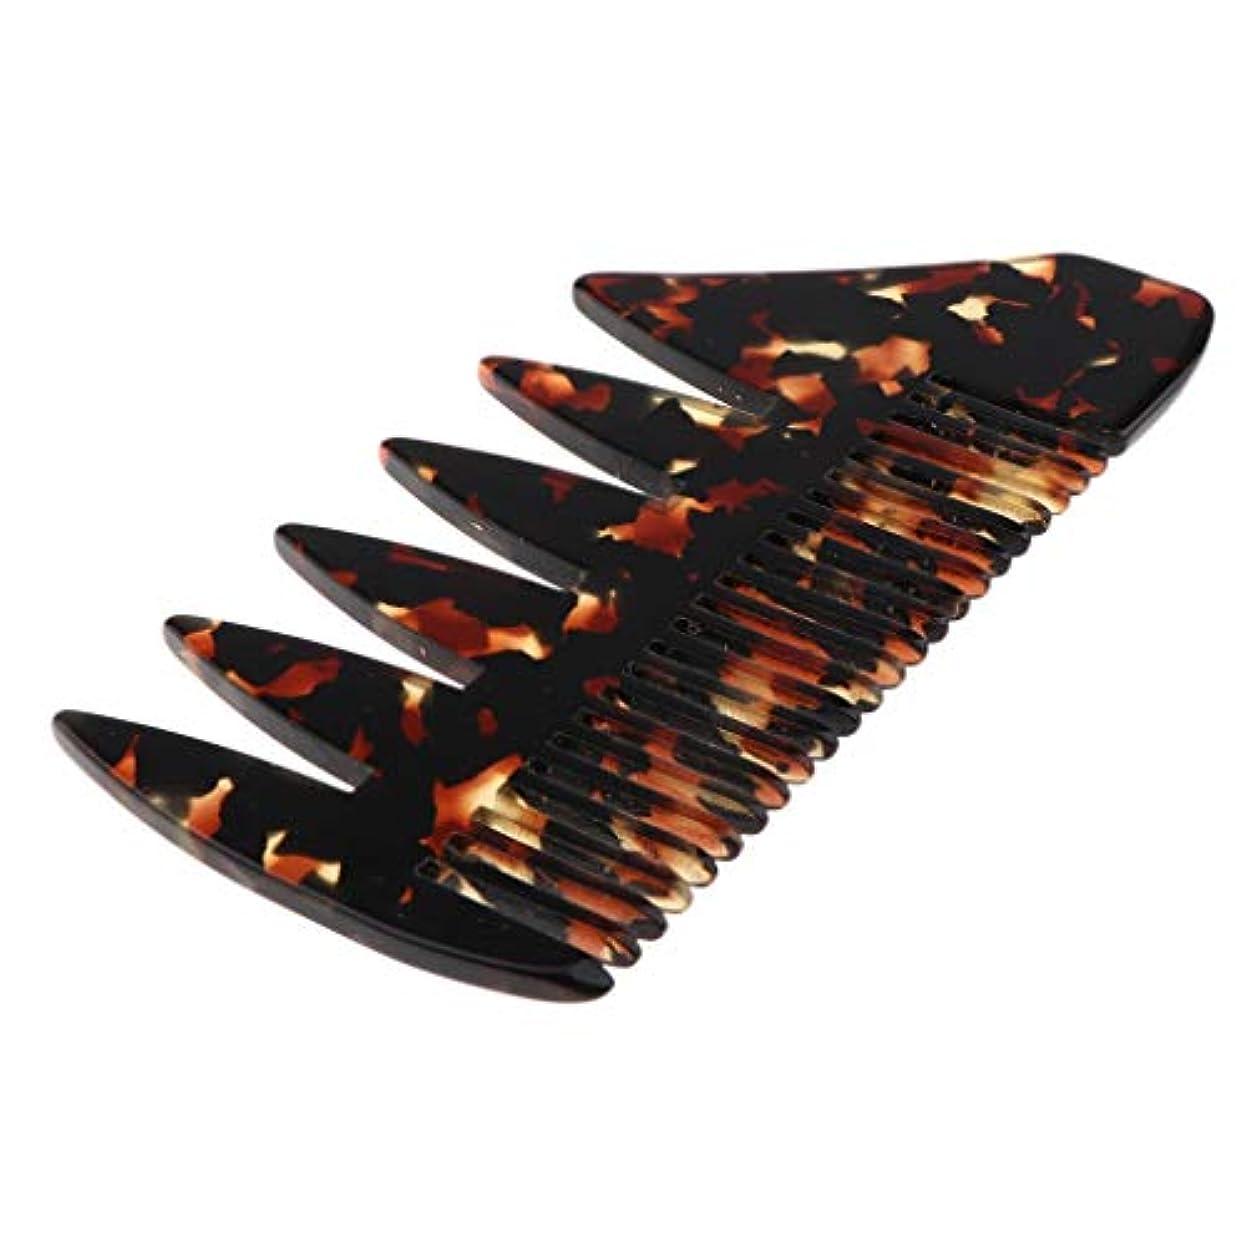 玉ねぎだます伝導ヘアコーム 広い歯 木製櫛 ヘアブラシ マッサージ櫛 帯電防止 全4色 - 黒